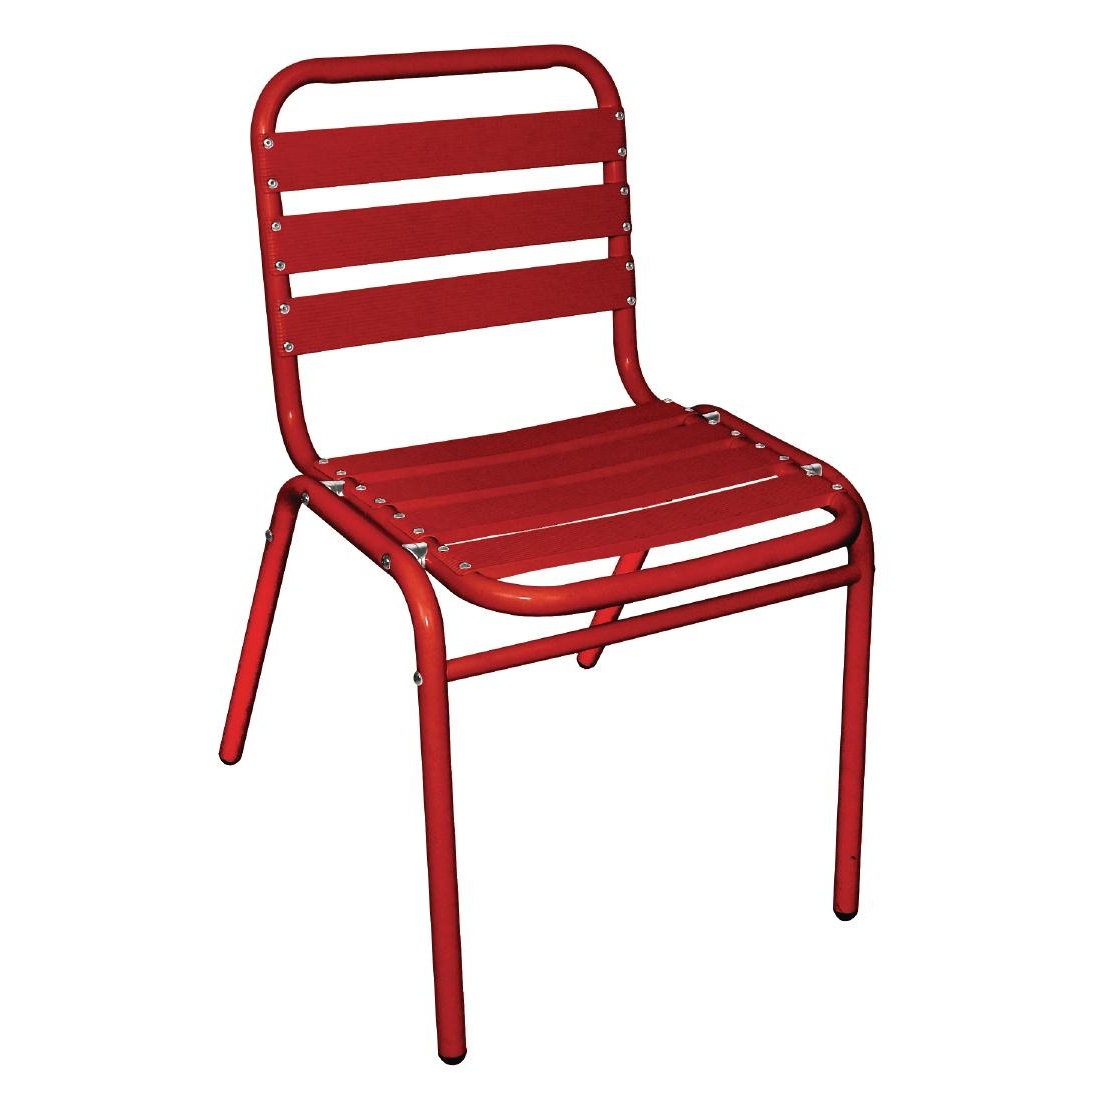 Chaises bistro en aluminium rouges x4